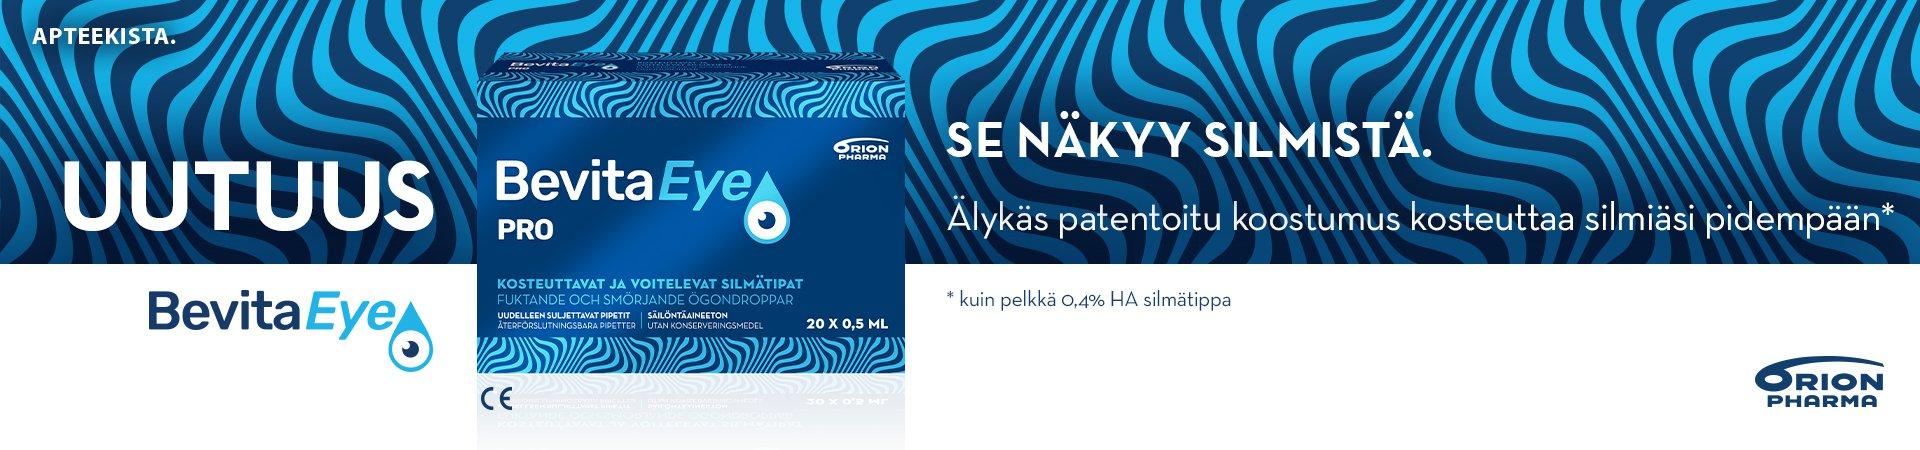 Bevita Eye Pro kuiville silmille